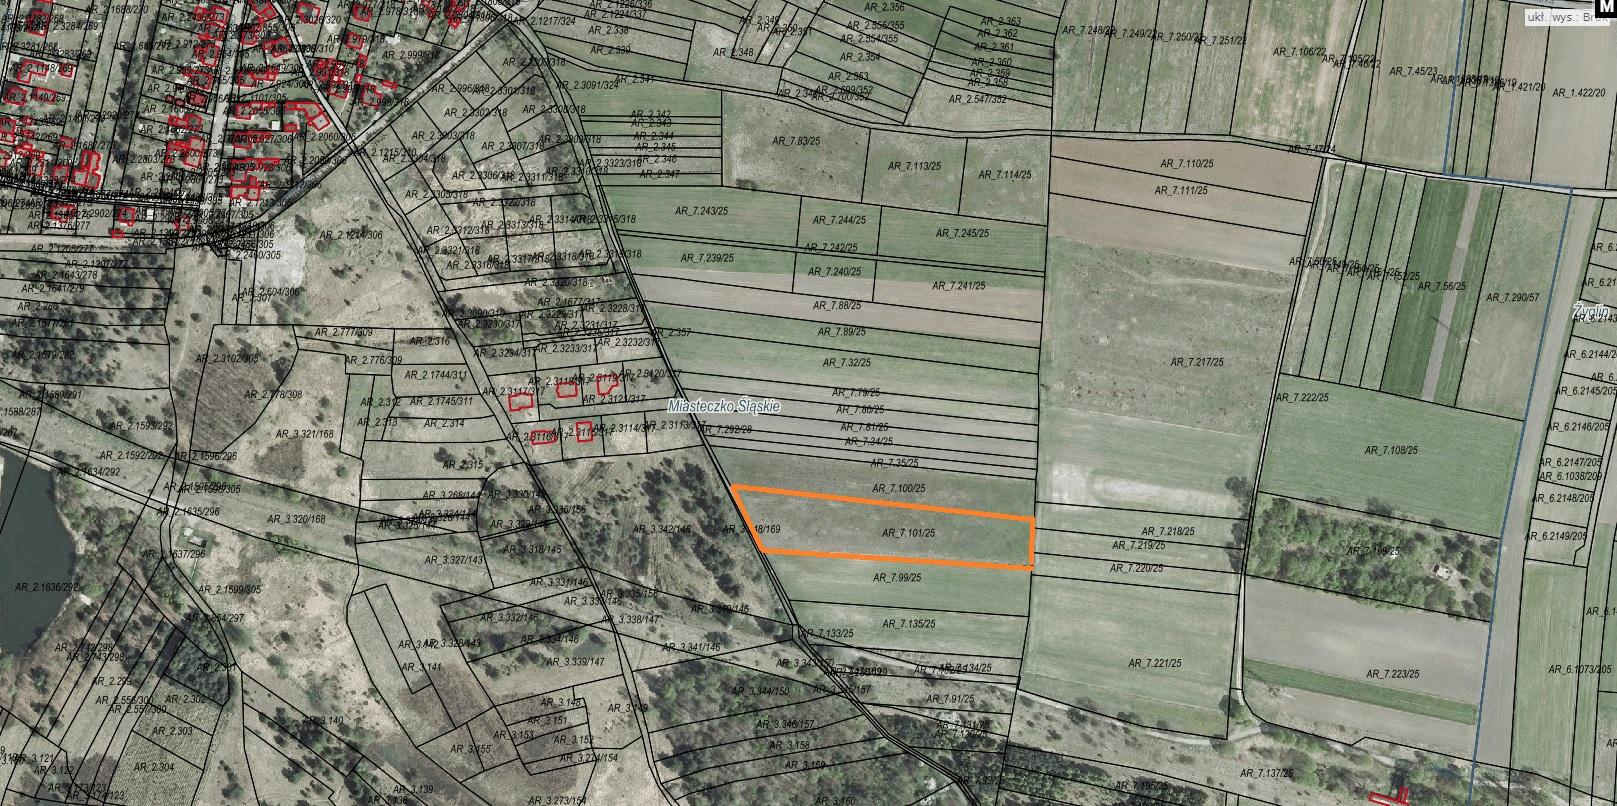 Ogłoszenie Burmistrza Miasta Miasteczko Śląskie o pierwszym przetargu ustnym nieograniczonym na sprzedaż nieruchomości niezabudowanej